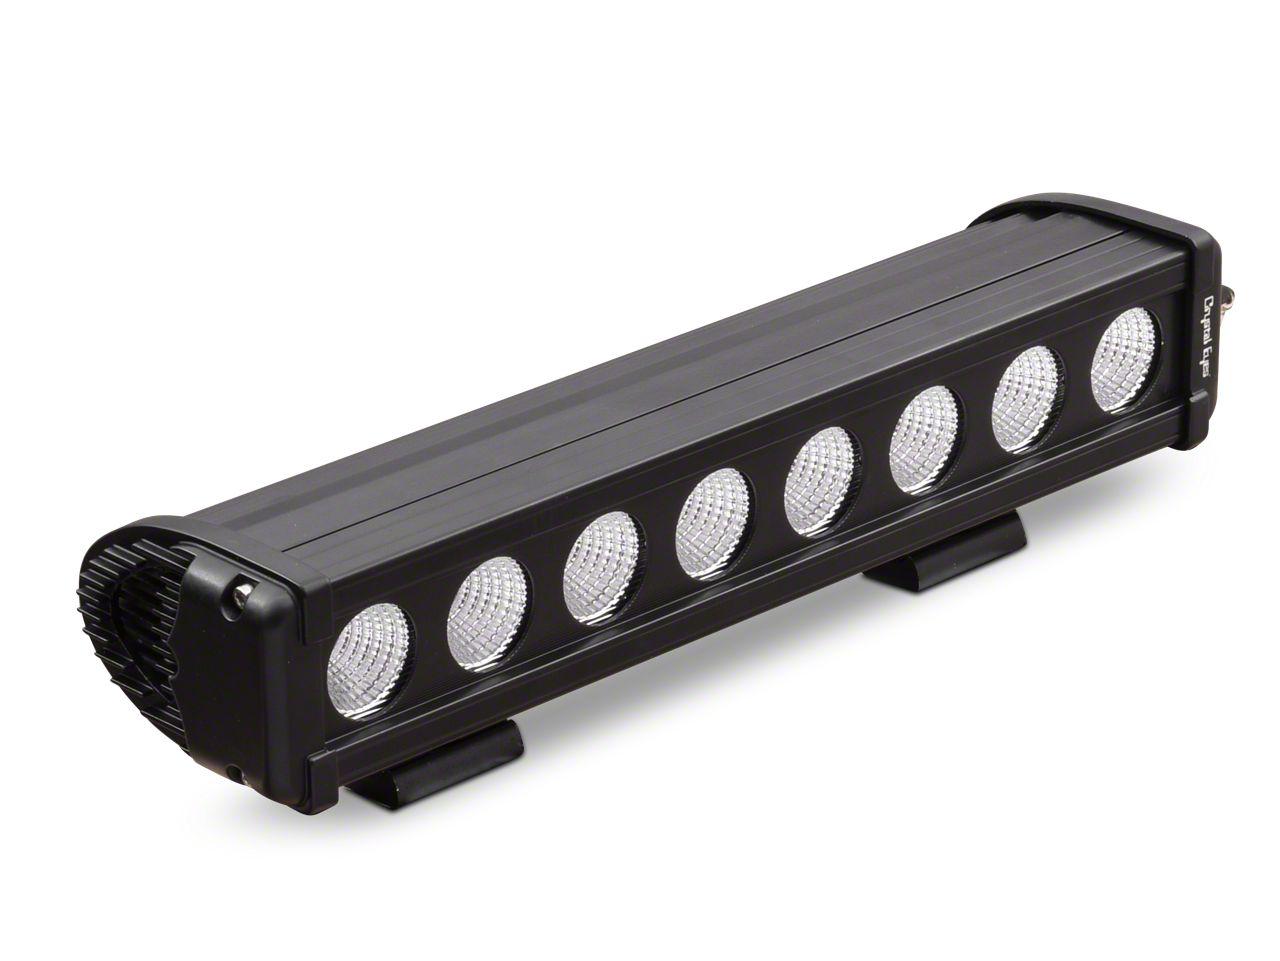 Alteon 15 in. 8 Series LED Light Bar - 60 Degree Flood Beam